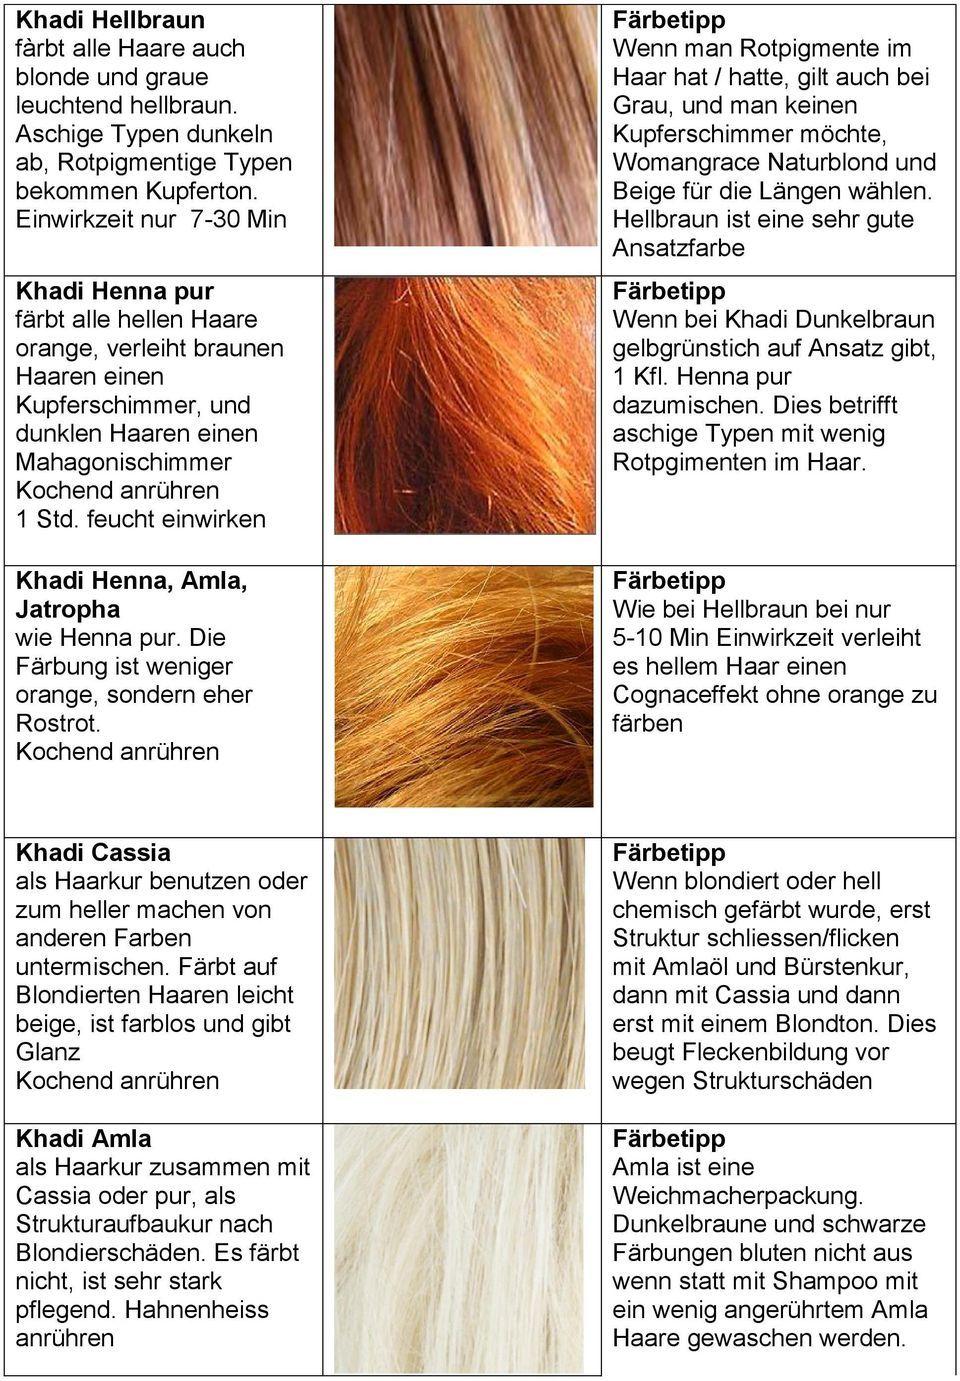 Hält haarfarbe khadi lange wie Haare mit